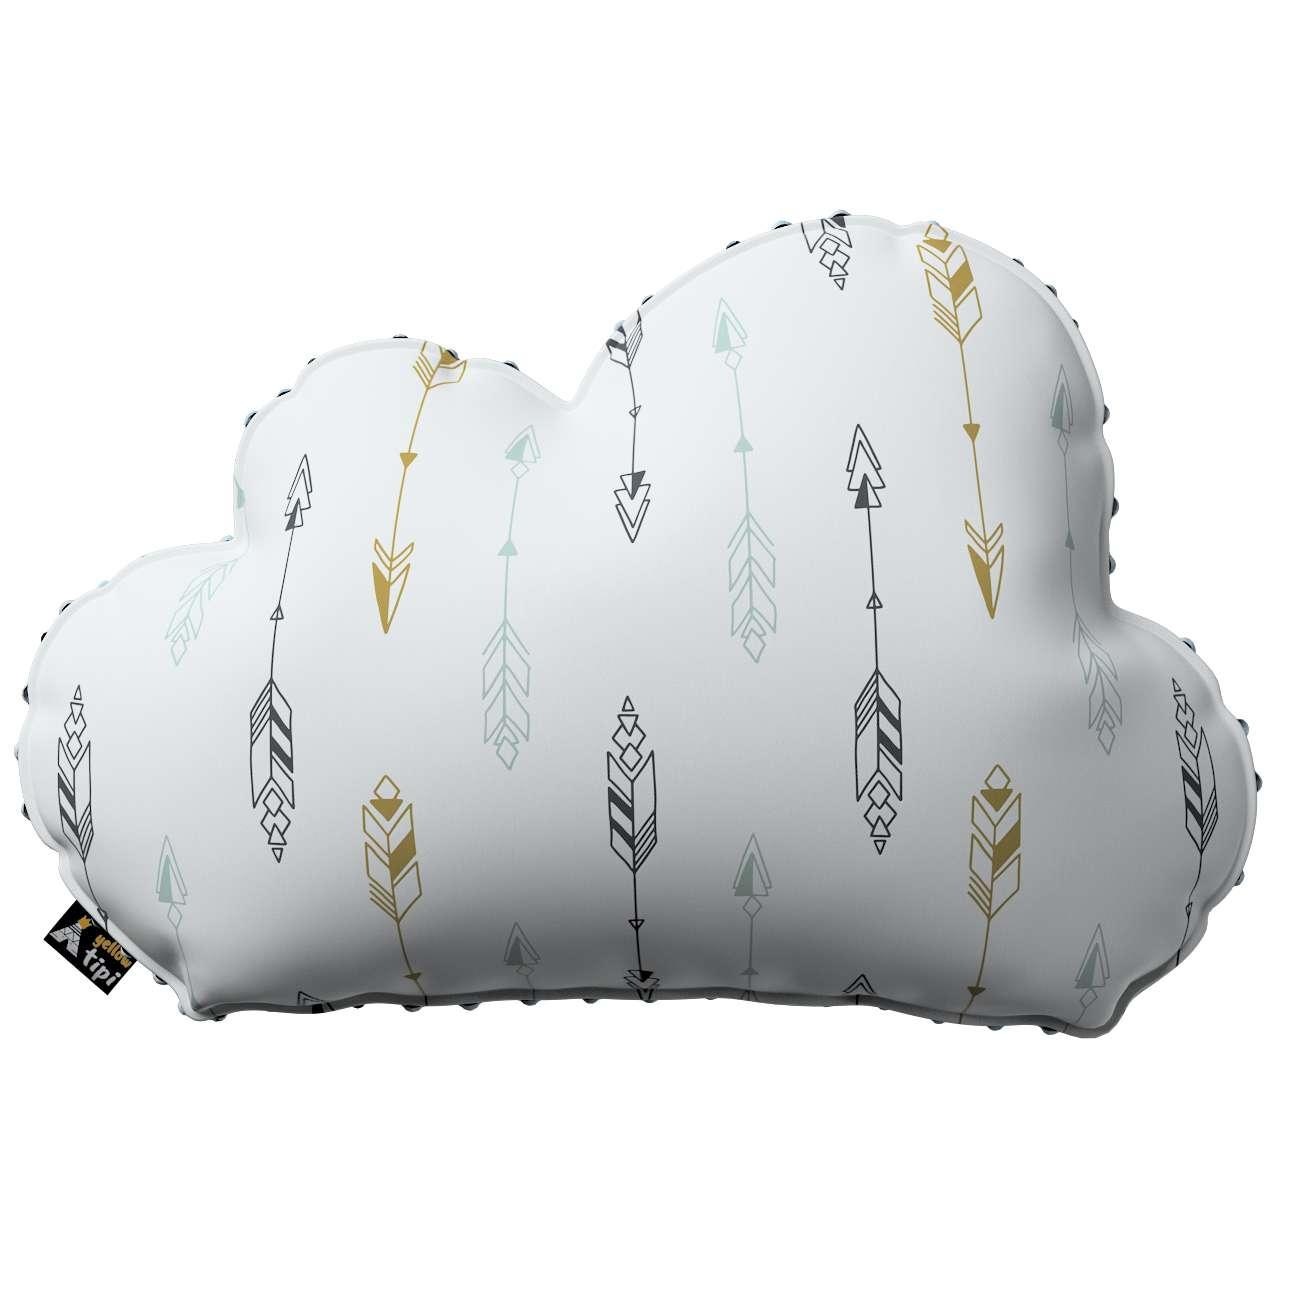 Kissen Soft Cloud aus Minky von der Kollektion Magic Collection, Stoff: 500-07